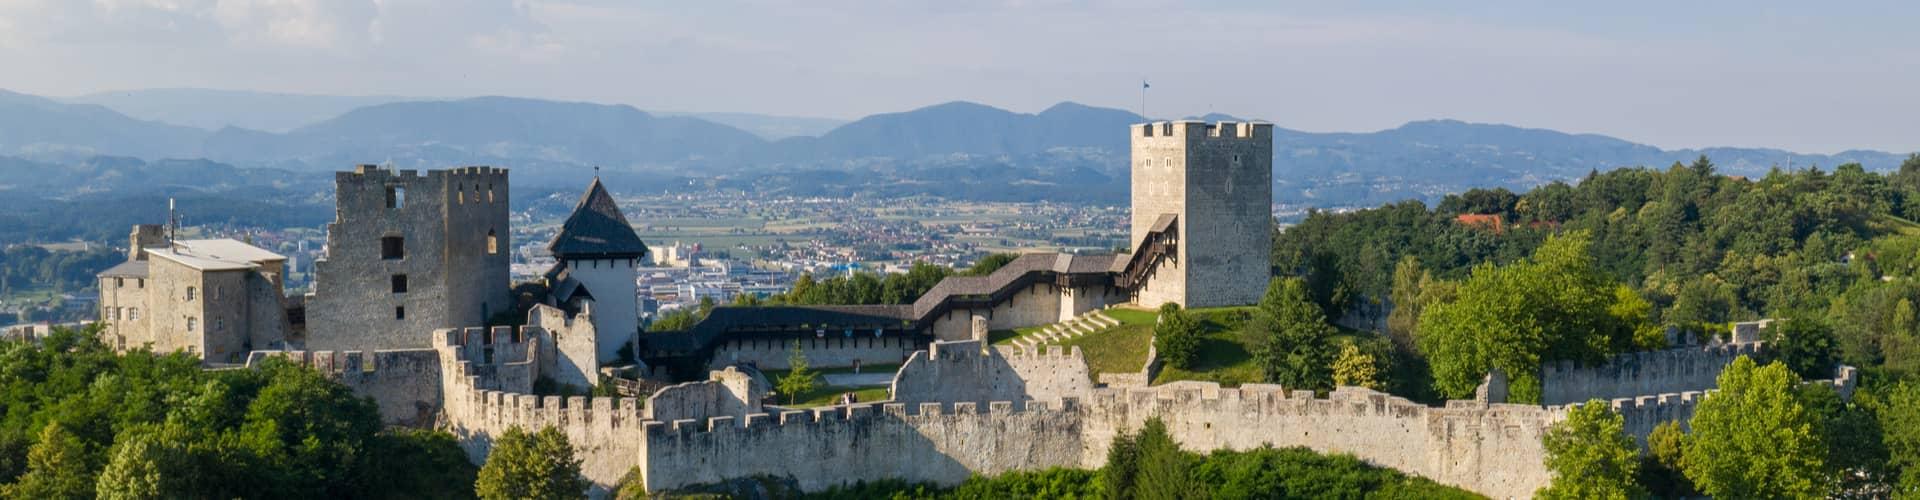 Kamperen in Zuidoost-Slovenië